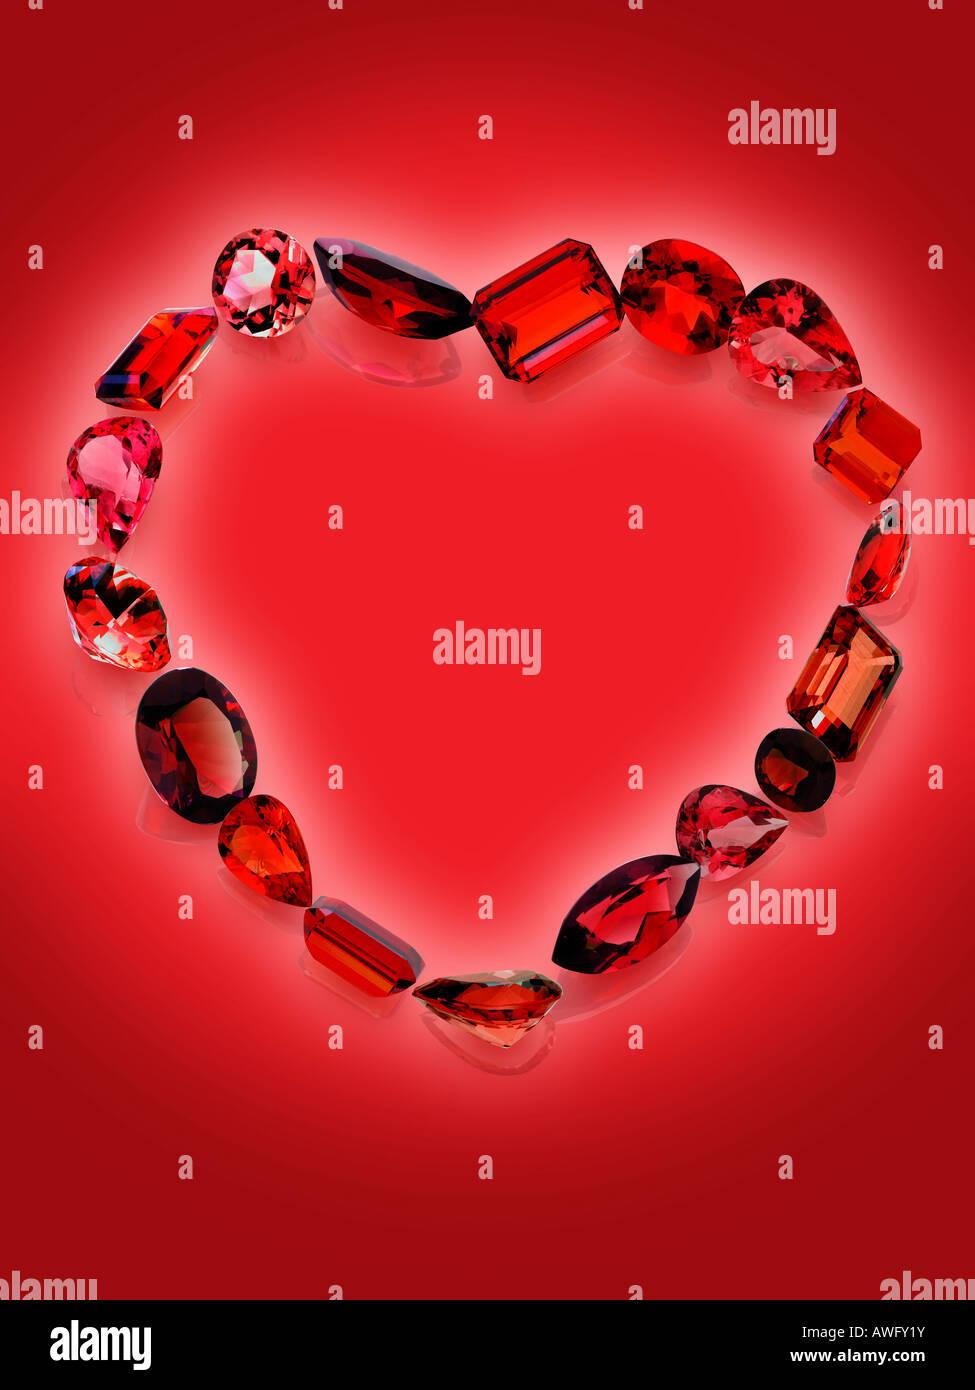 Las piedras preciosas de color rojo en forma de corazón Imagen De Stock